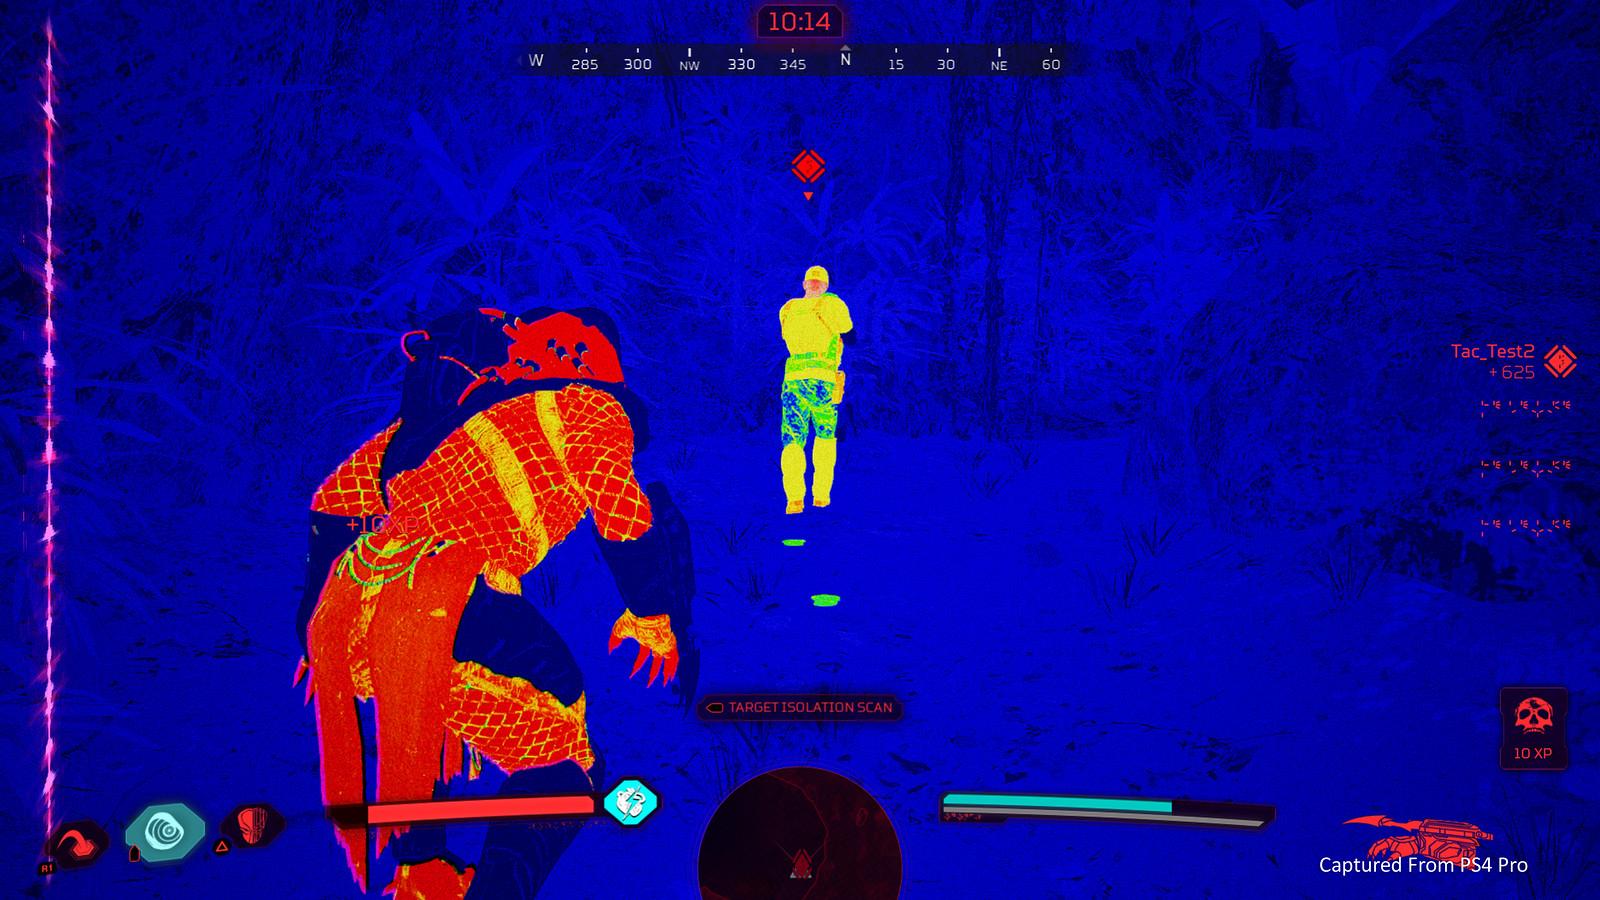 49698553377 e7bd9bae09 h - Mit diesen Gameplay-Tipps seid ihr gewappnet für das Testwochenende von Predator: Hunting Grounds